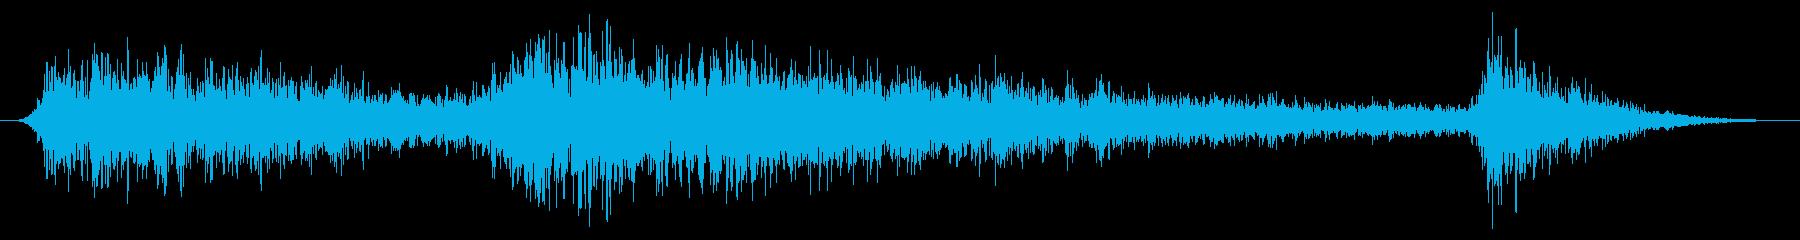 雨の音04(雷雨)の再生済みの波形